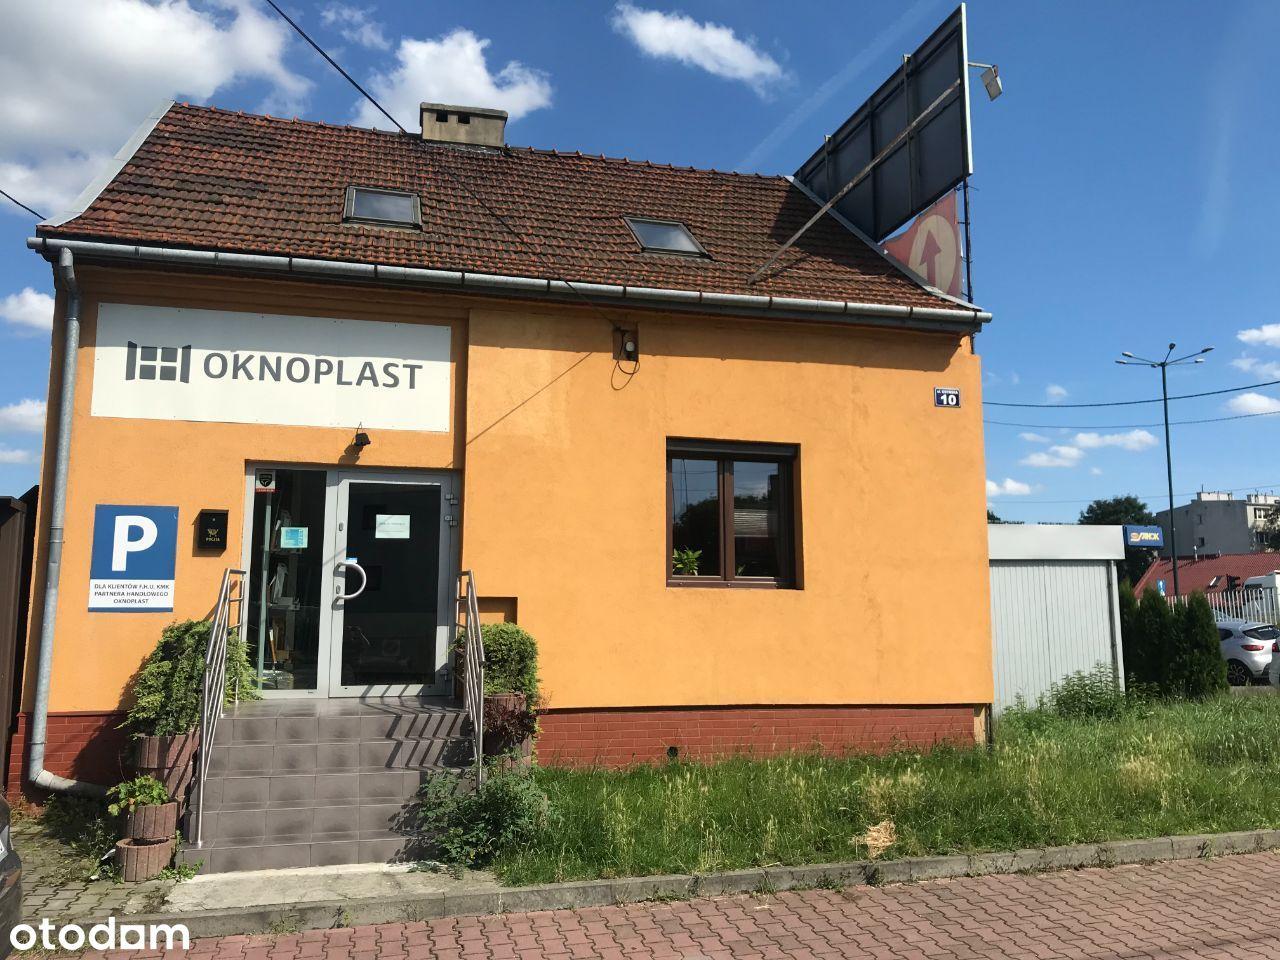 Gdyńska 10 - dom komercyjny ok. 120 m2 z wieloma m